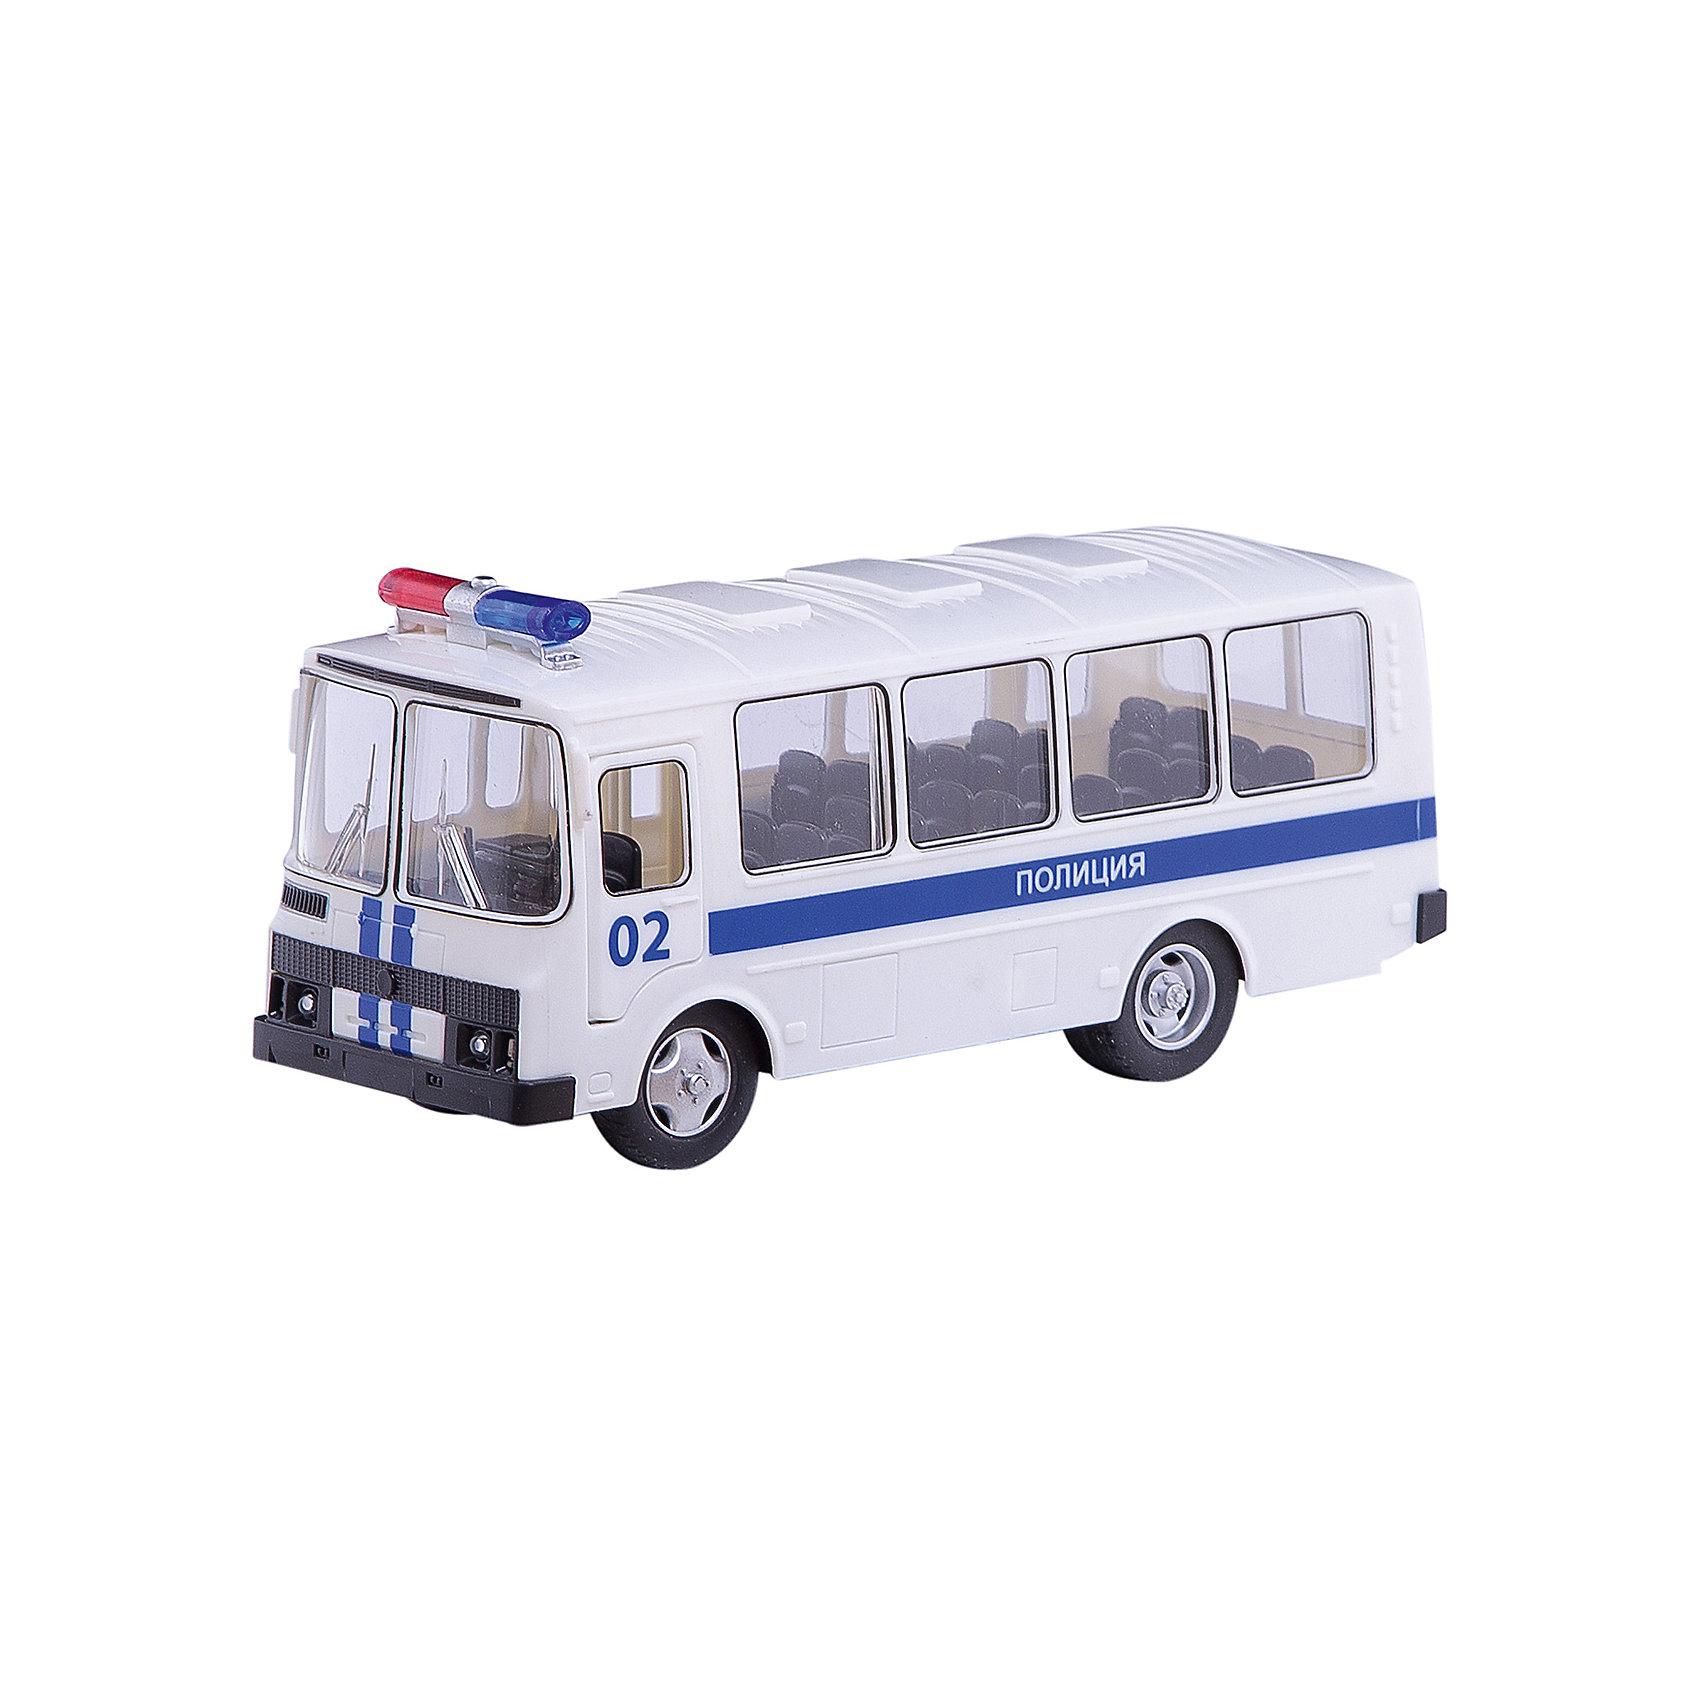 ТЕХНОПАРК Автобус, Технопарк врумиз машинка со звуковыми и световыми эффектами спиди врумиз